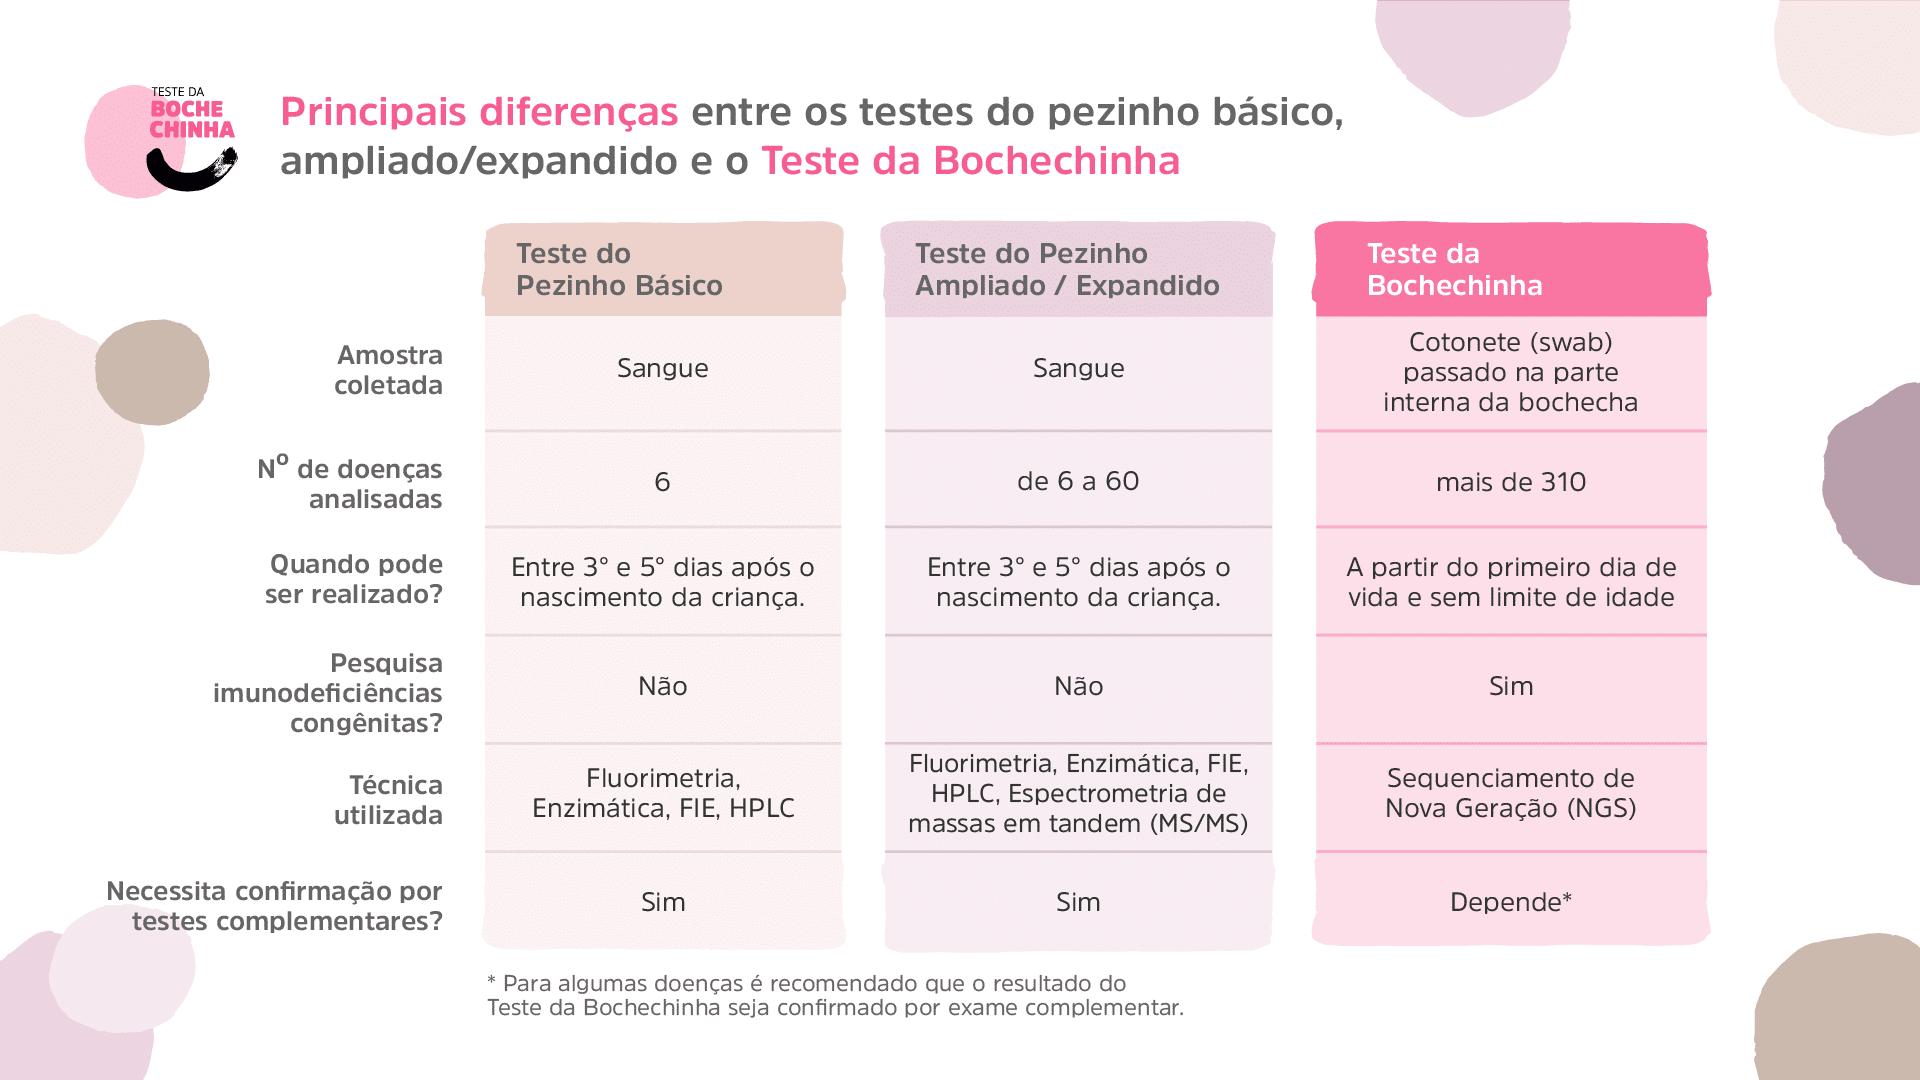 O Teste da Bochechinha, que analisa o DNA do bebê para identificar mais de 310 doenças, é o teste de triagem neonatal mais completo realizado no Brasil.